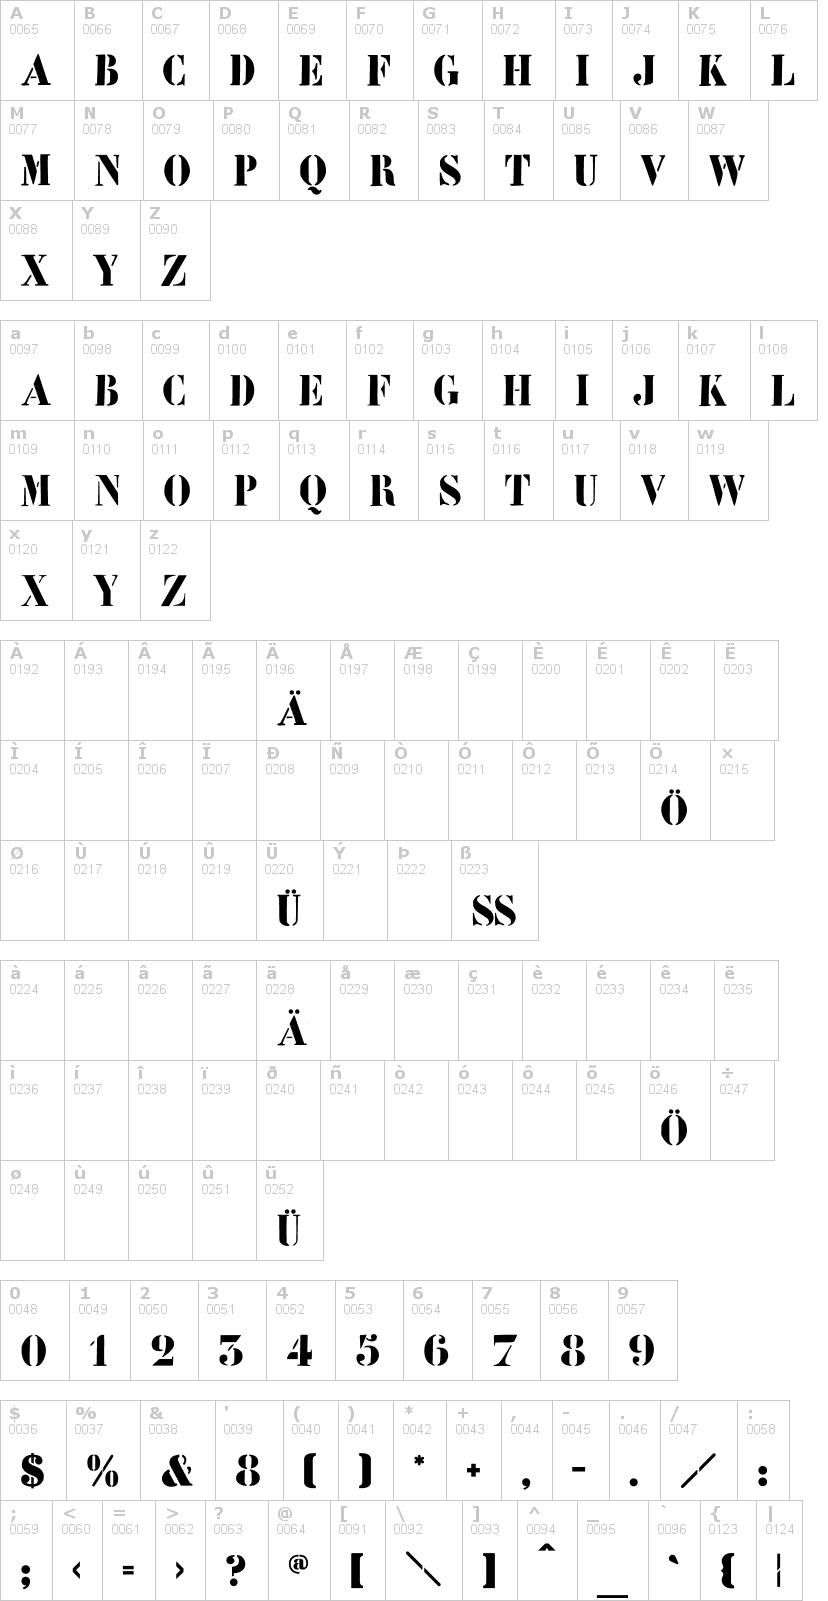 Lettere dell'alfabeto del font learchitect con le quali è possibile realizzare adesivi prespaziati